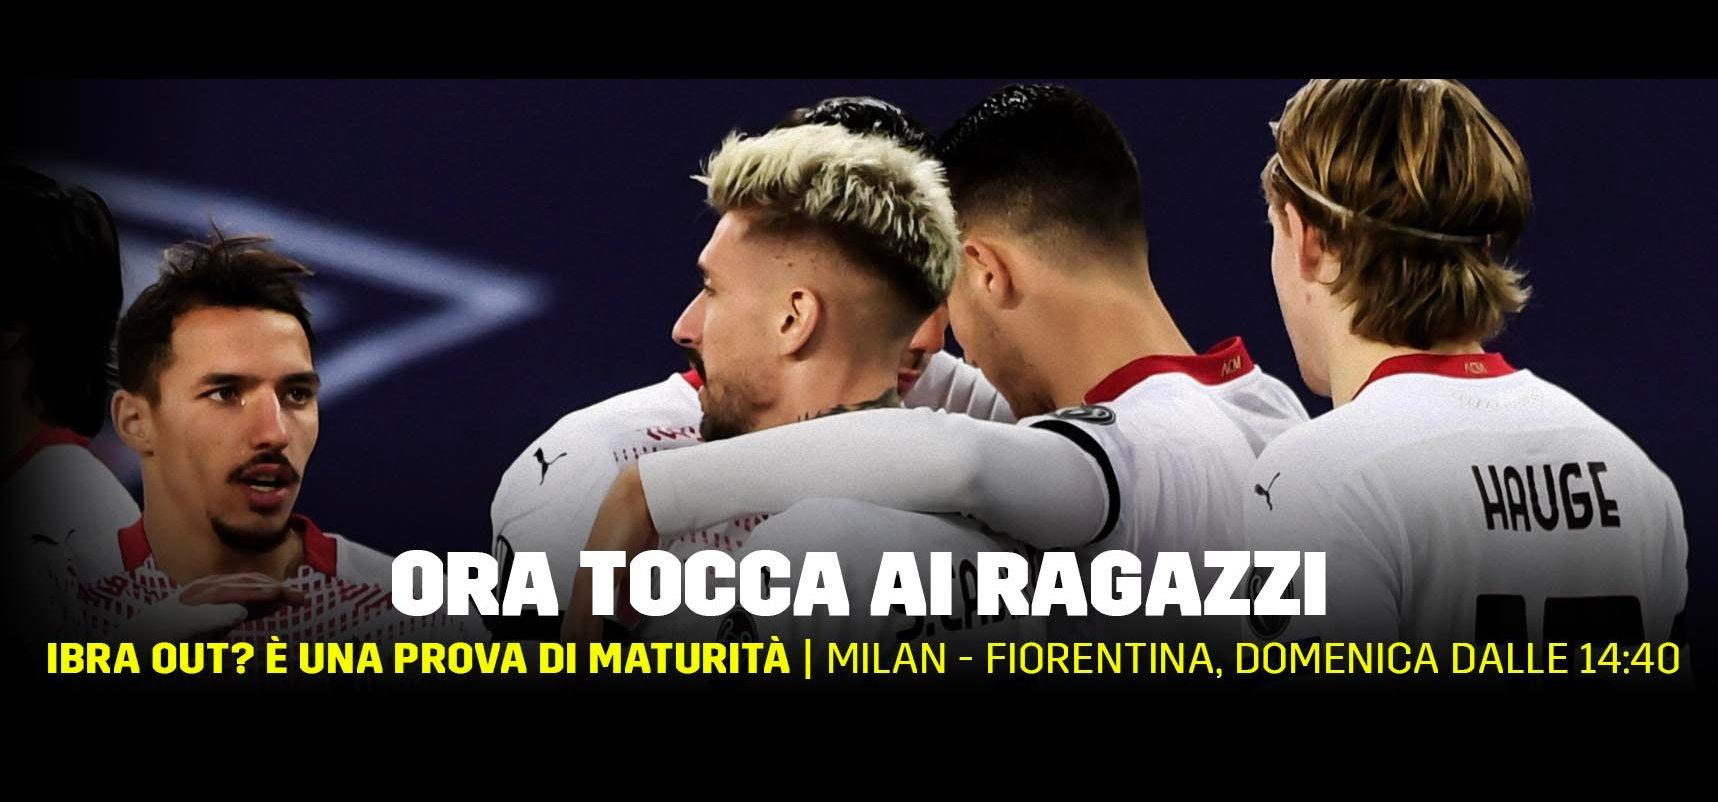 DAZN Serie A 9a Giornata, Diretta Esclusiva | Palinsesto Telecronisti (Sky 209)